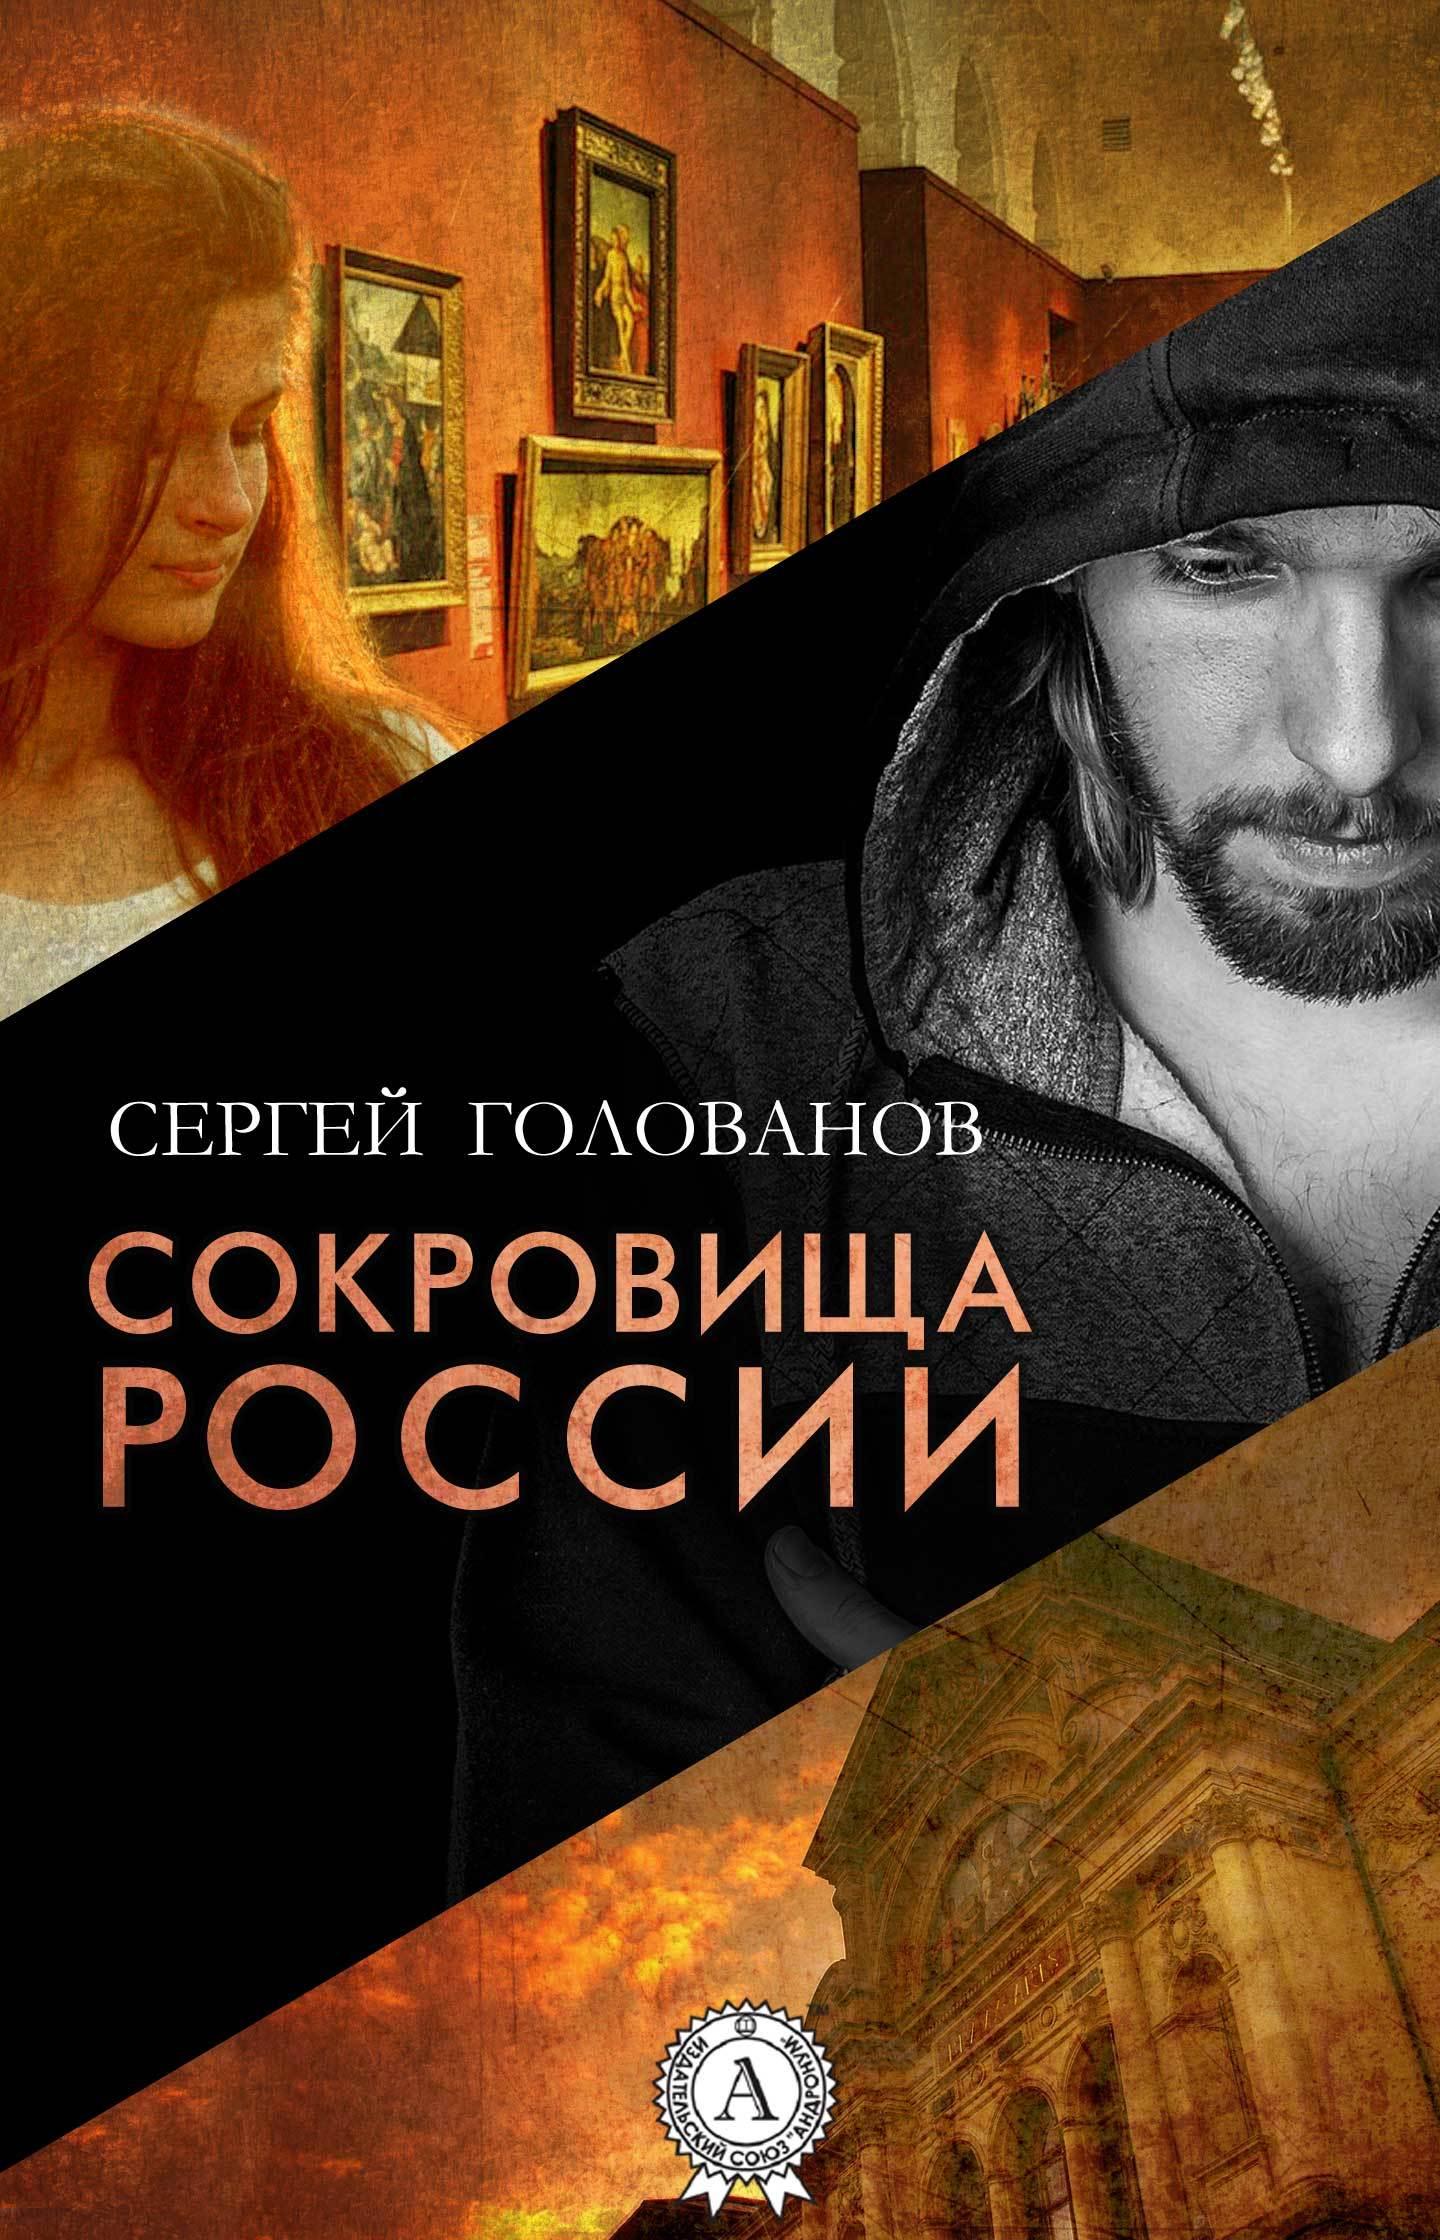 Сергей Голованов «Сокровища России»